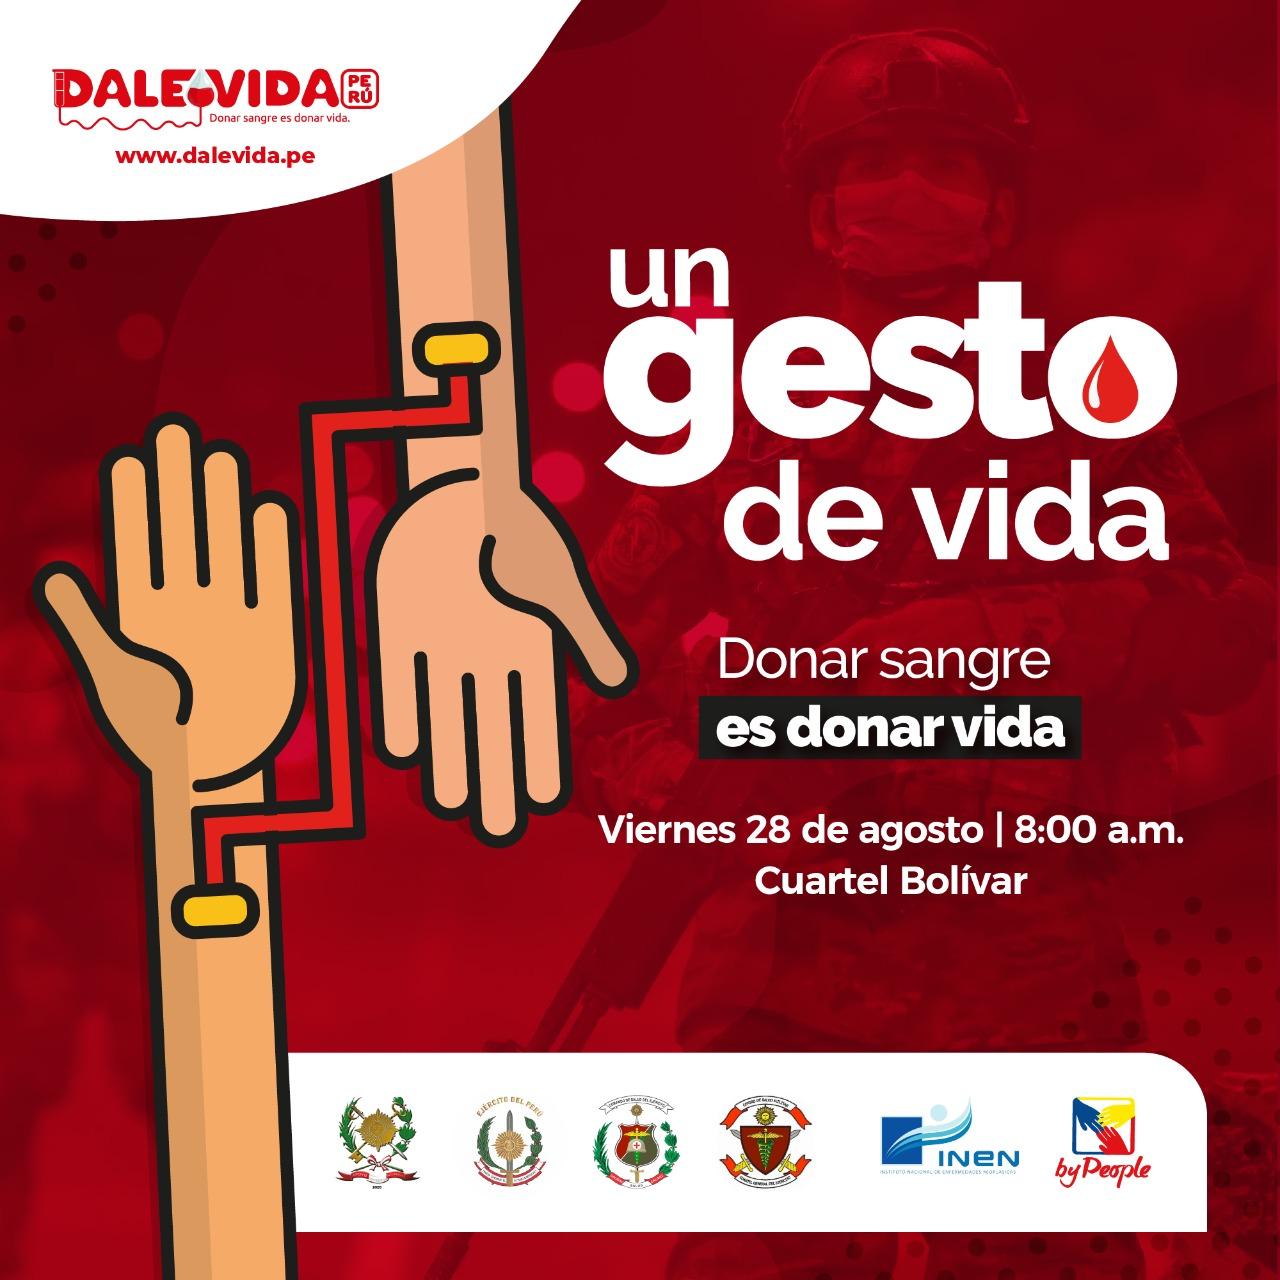 Dale Vida Ejercito del Perú - Cuartel Bolivar 28/08/2020